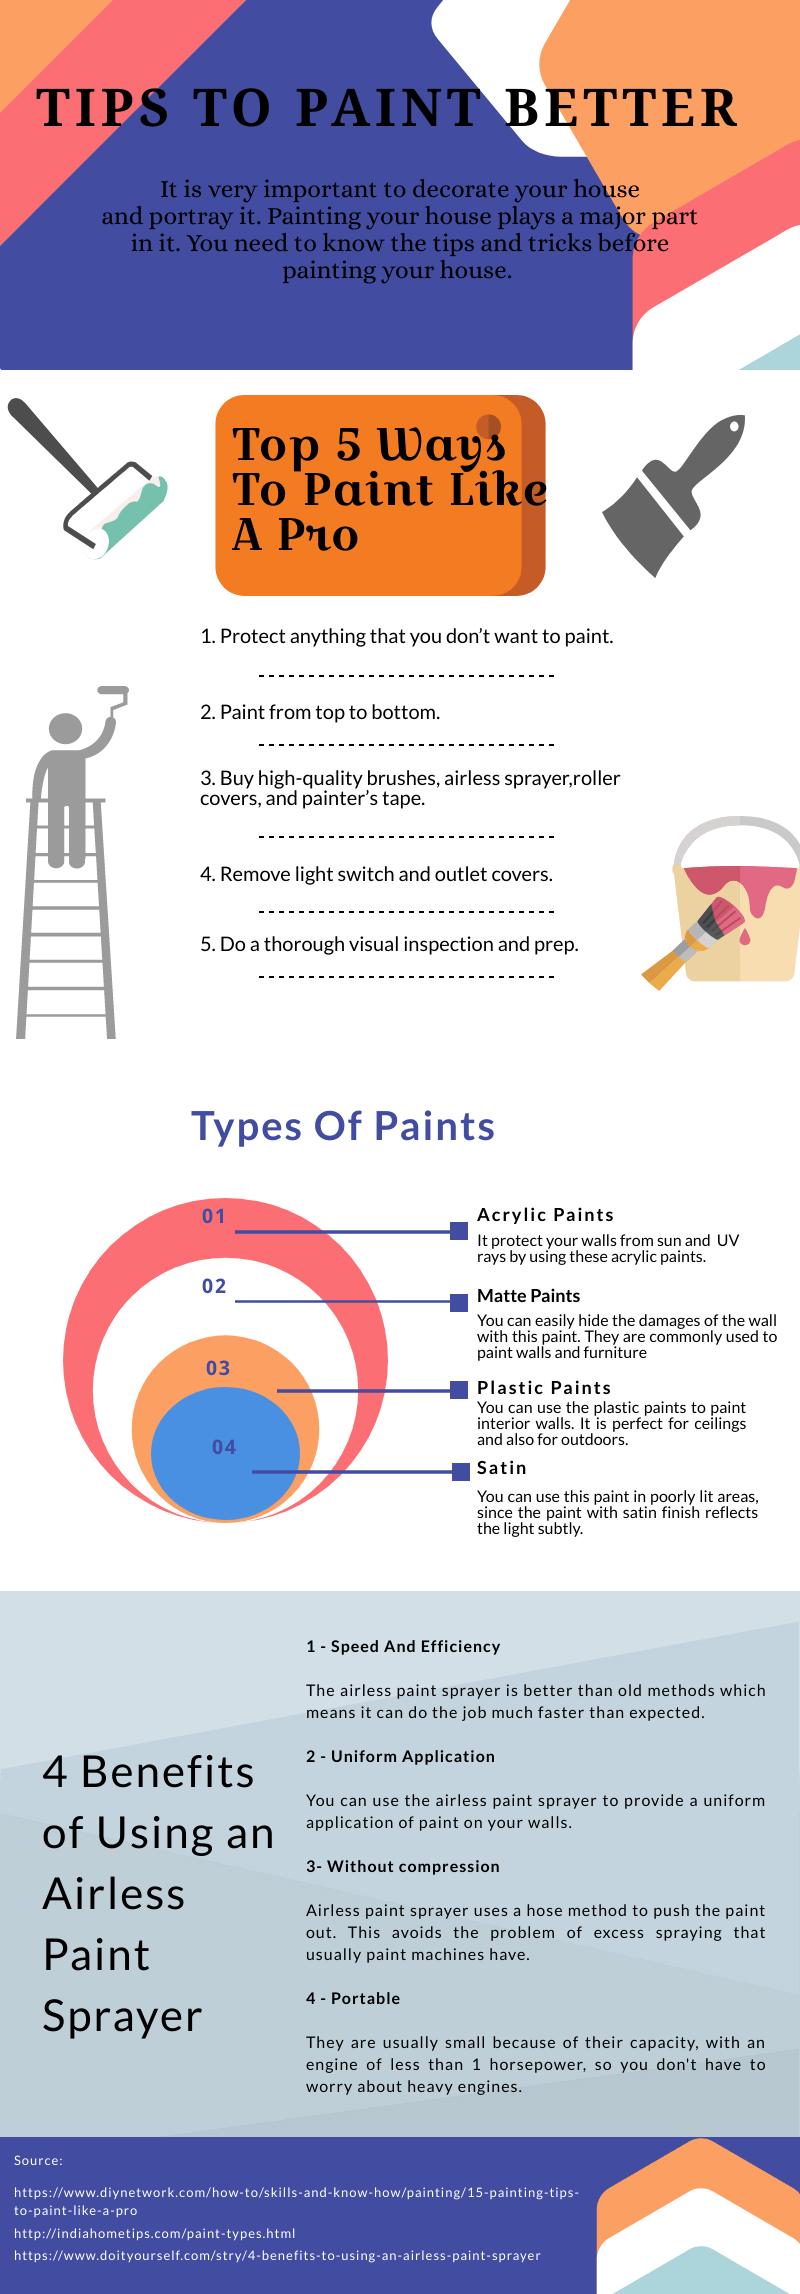 Airless Paint Sprayer